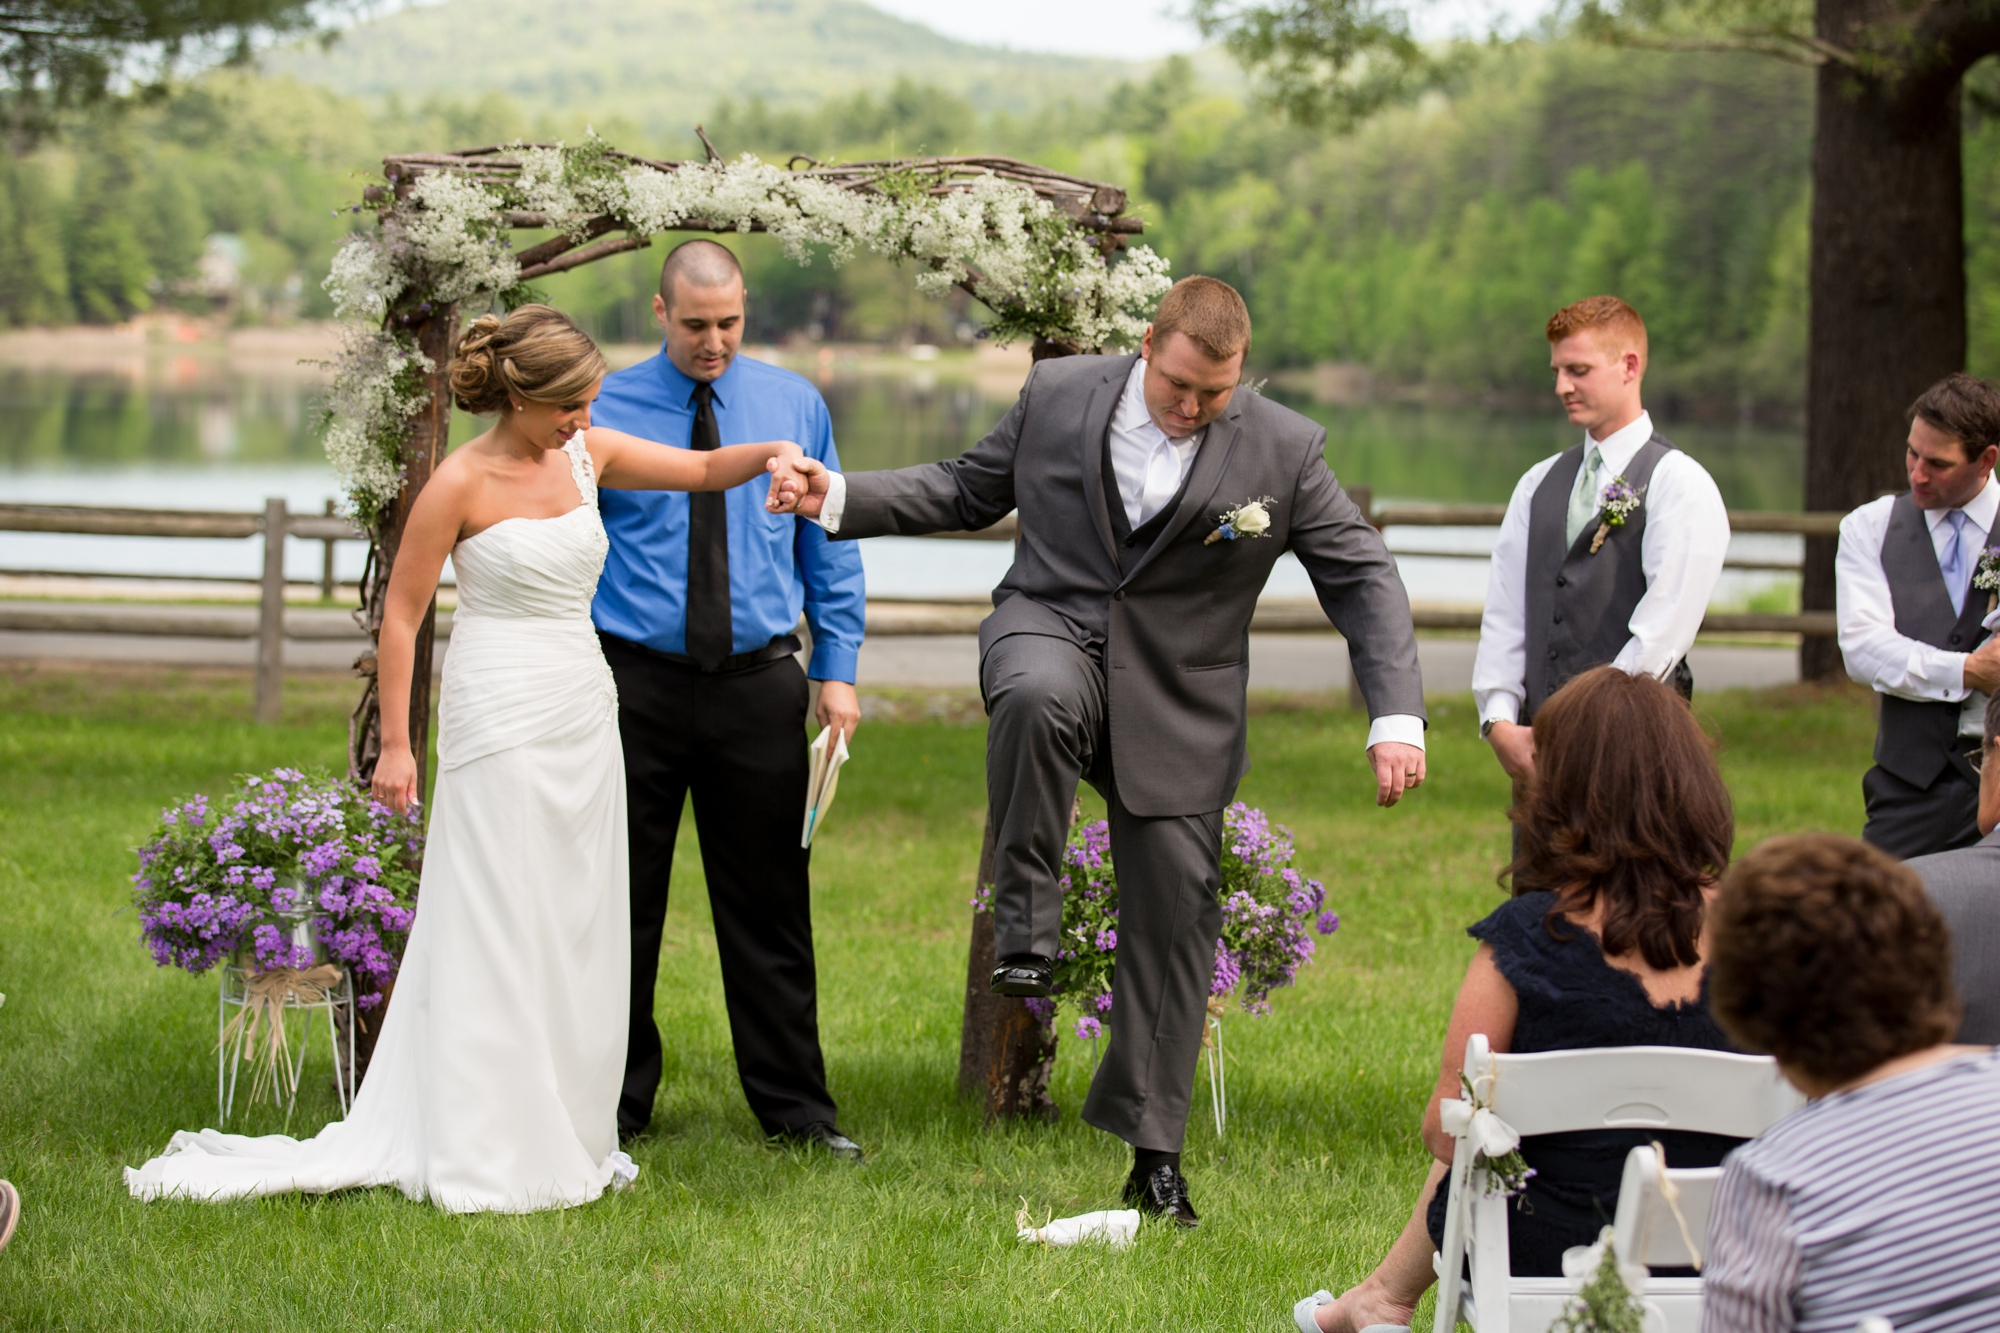 Albany NY Wedding Photographer Justin Tibbitts Photography 2014 Best of Albany NY Weddings-48342174612